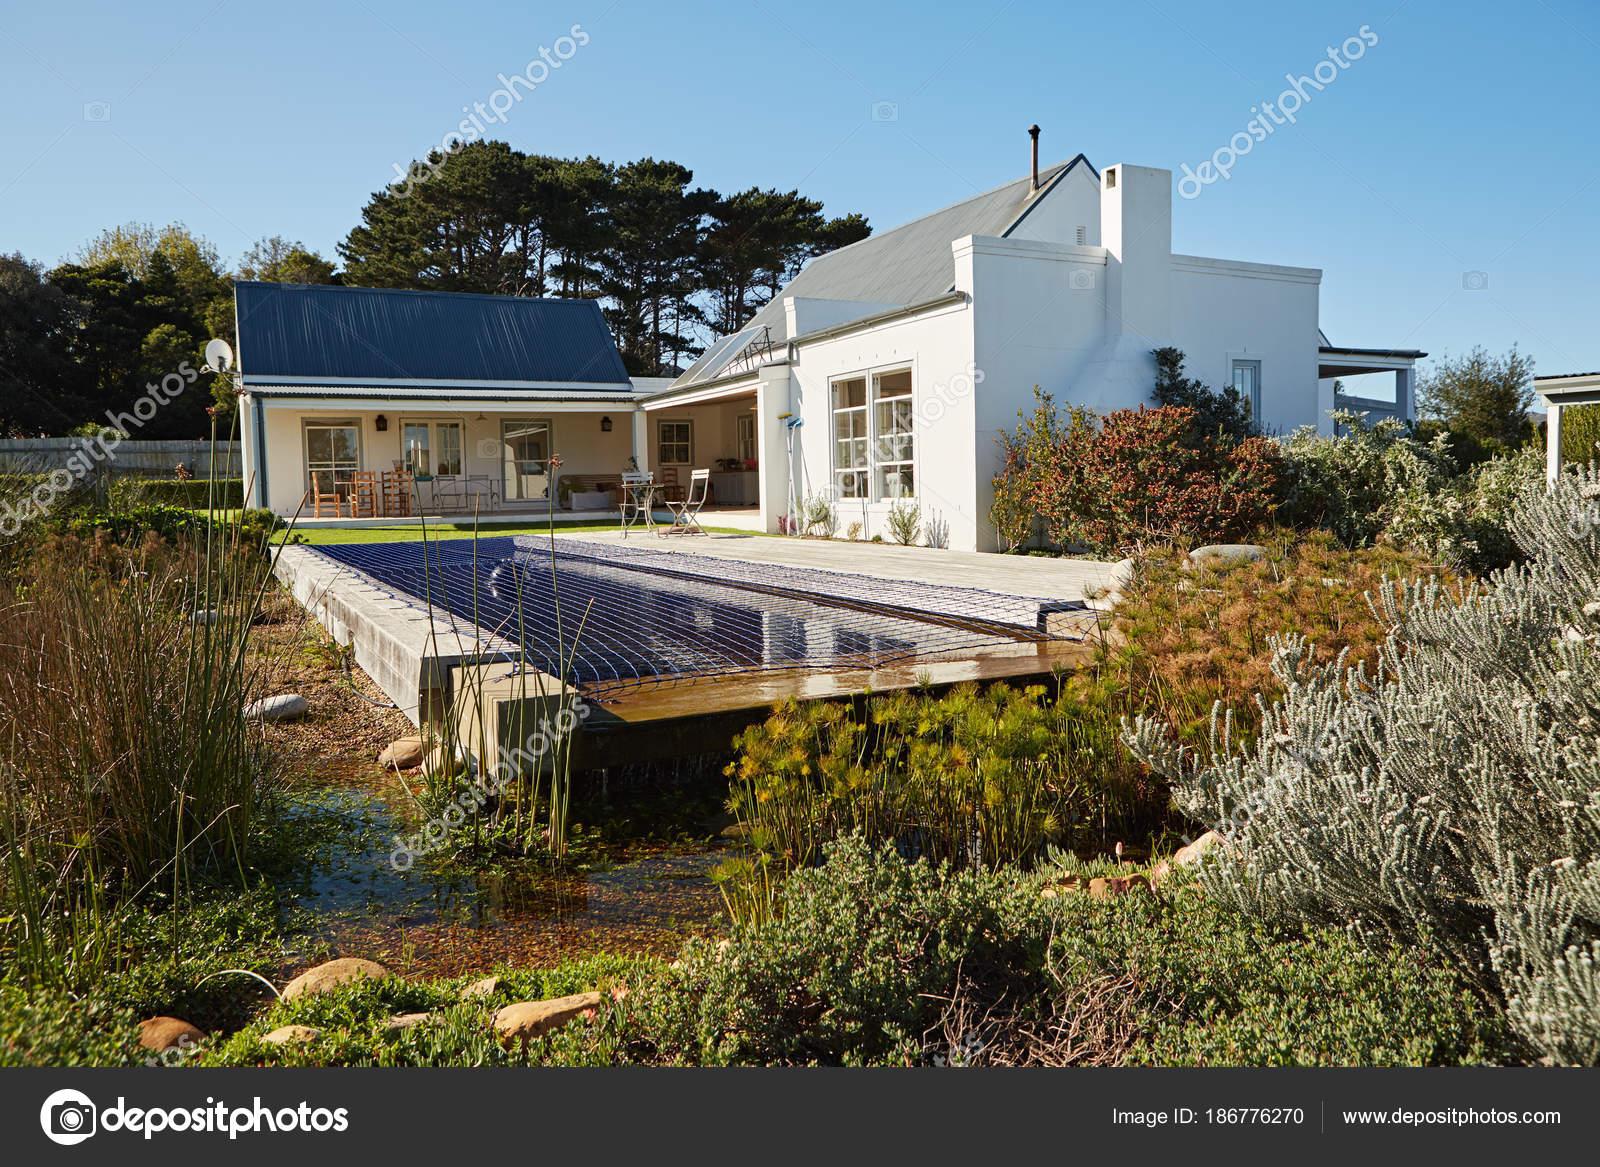 Esterno Di Una Casa : Esterno della piscina cortile paesaggistico una casa una giornata